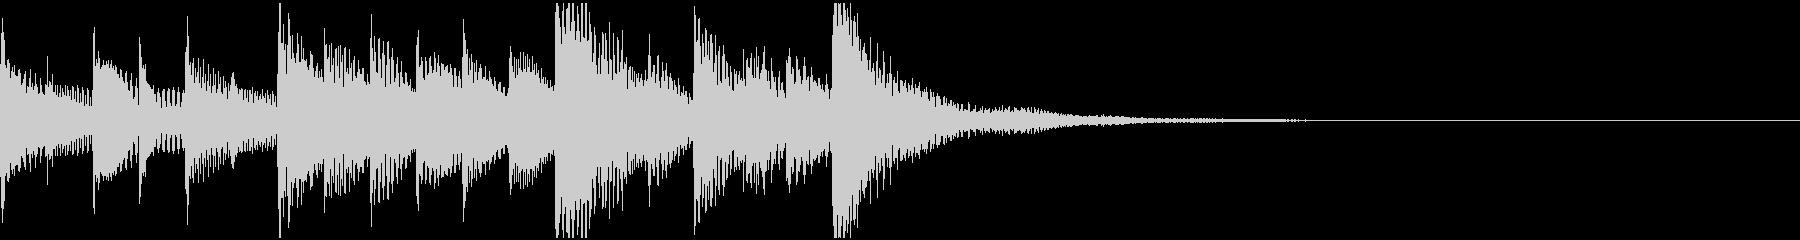 マリンバの明るいジングル・着信音の未再生の波形